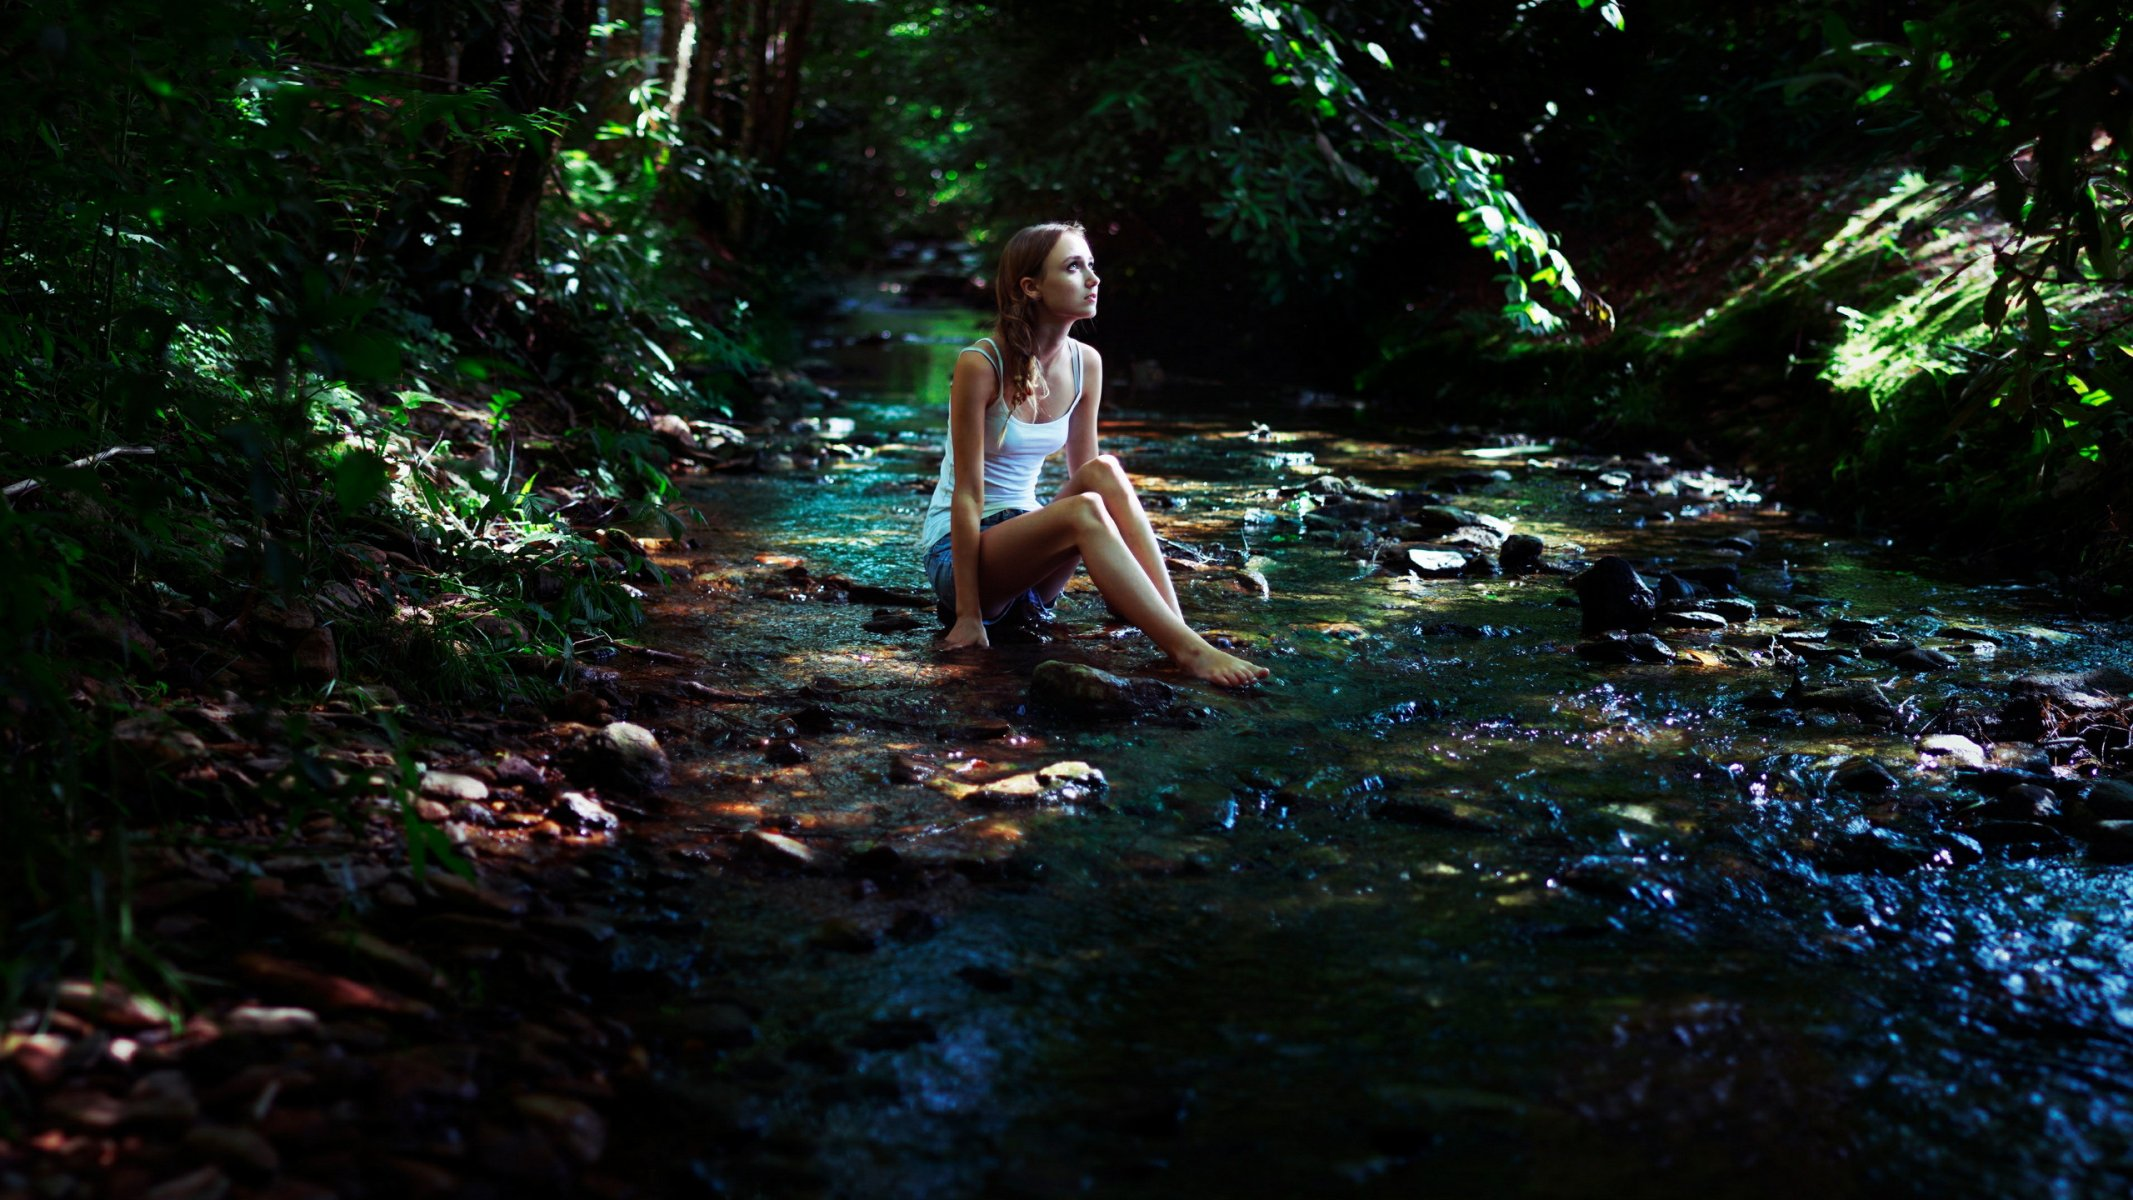 Три девушки у реки видео, пышная с огромной грудью и попкой фото